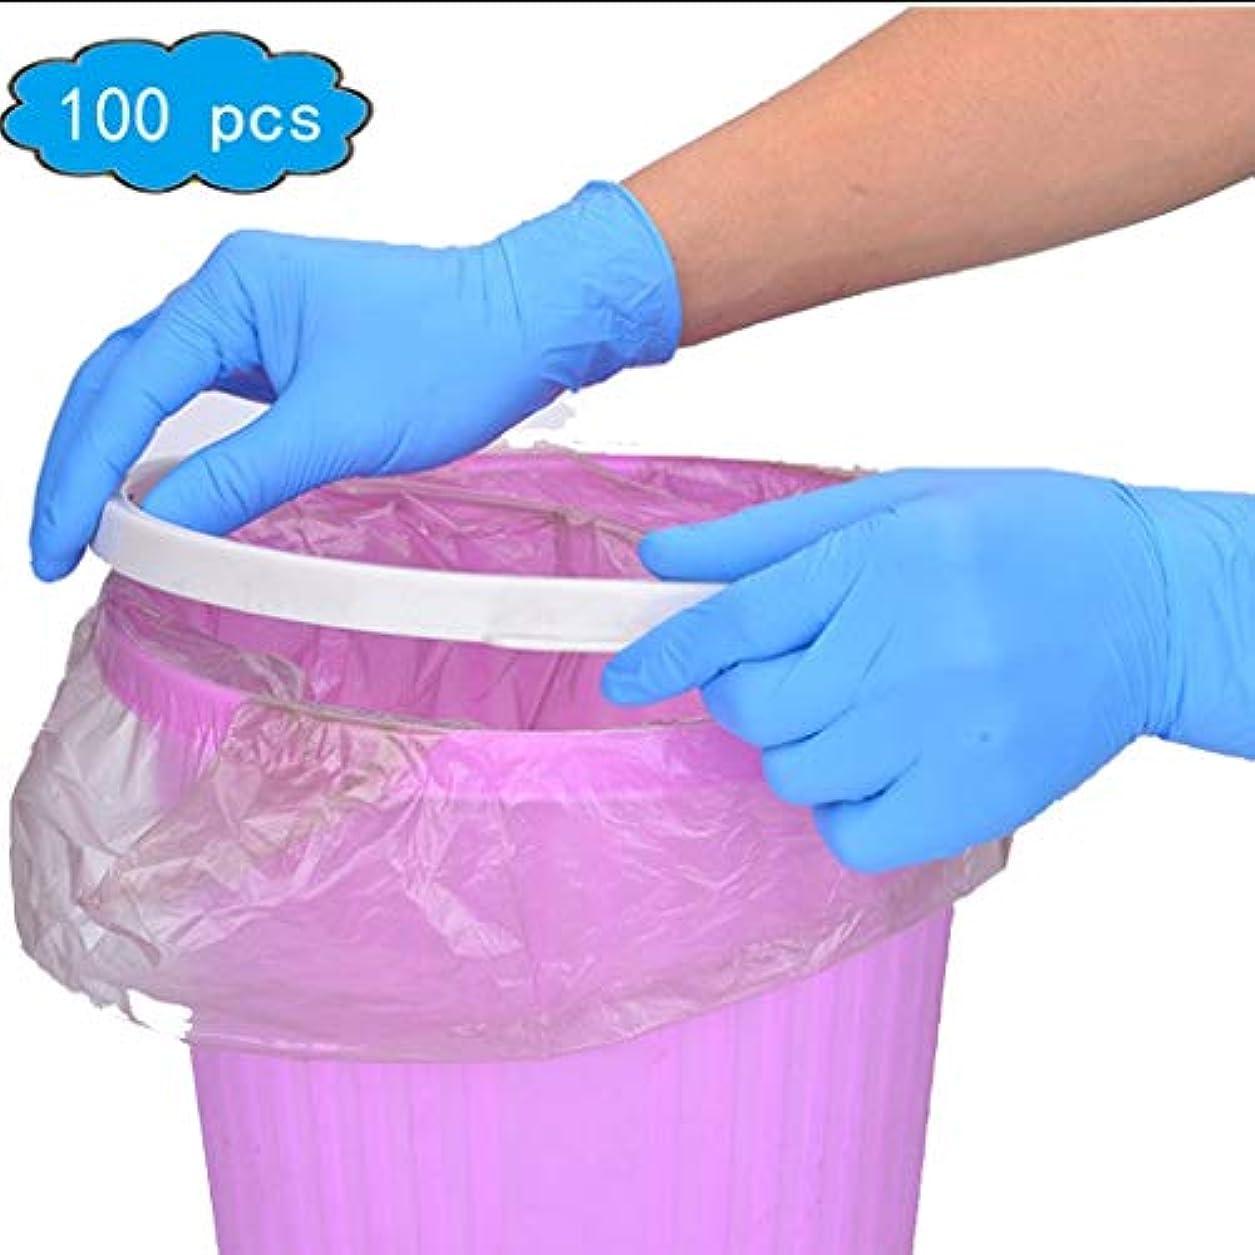 冒険家推測する不明瞭使い捨てニトリルグローブ、医療用品&機器、テクスチャ指先、フードセーフ、ツール&ホーム改善、塗装、(青、大)100箱、家庭用品、ラテックス手袋使い捨て (Color : Blue, Size : S)